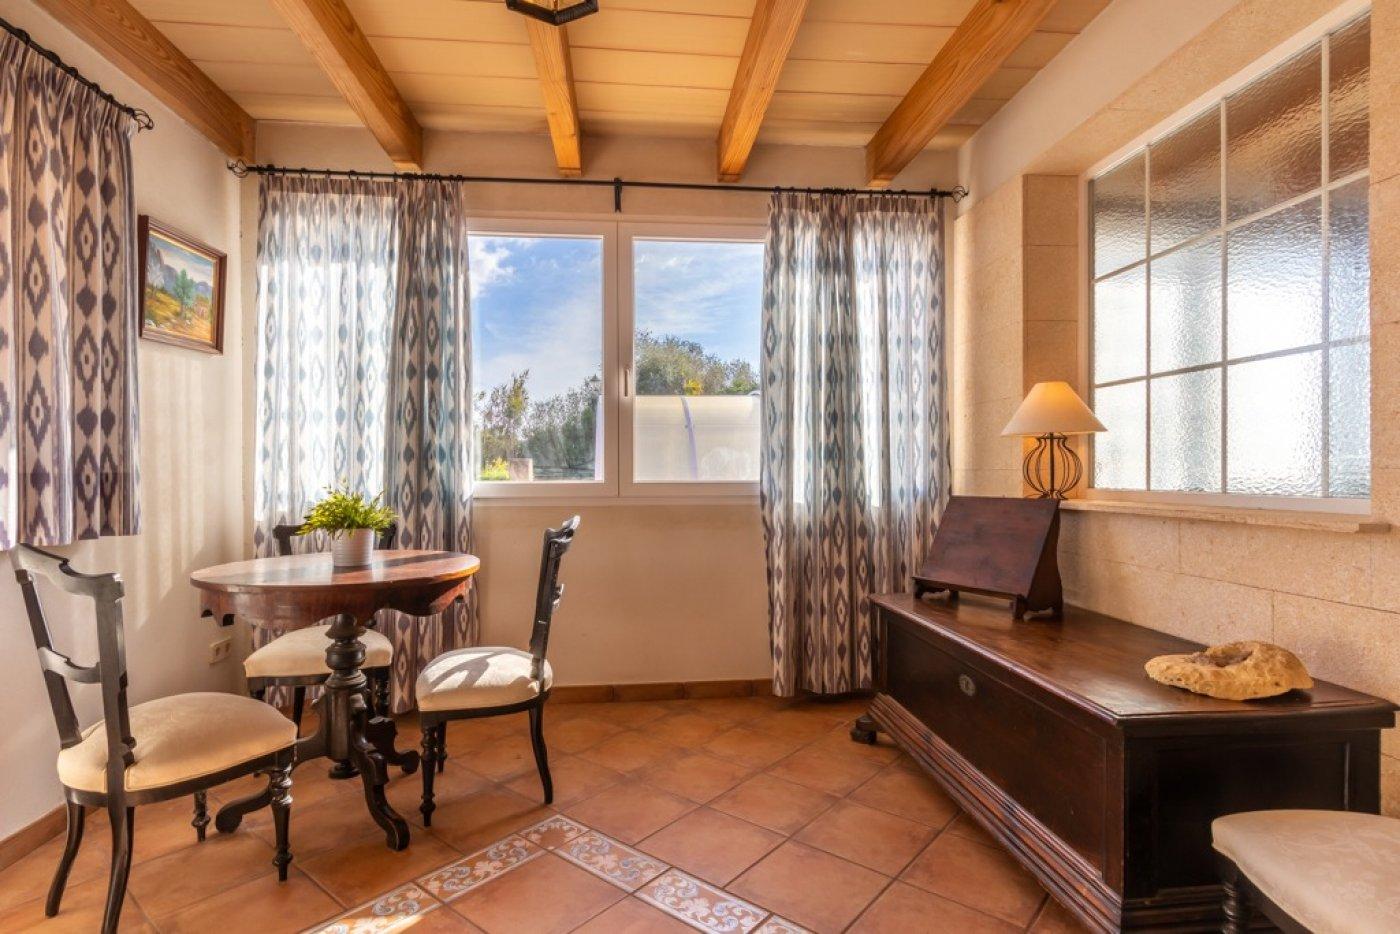 Magnifica villa en ses salines - can somni - ideal inversores turÍsticos - imagenInmueble19